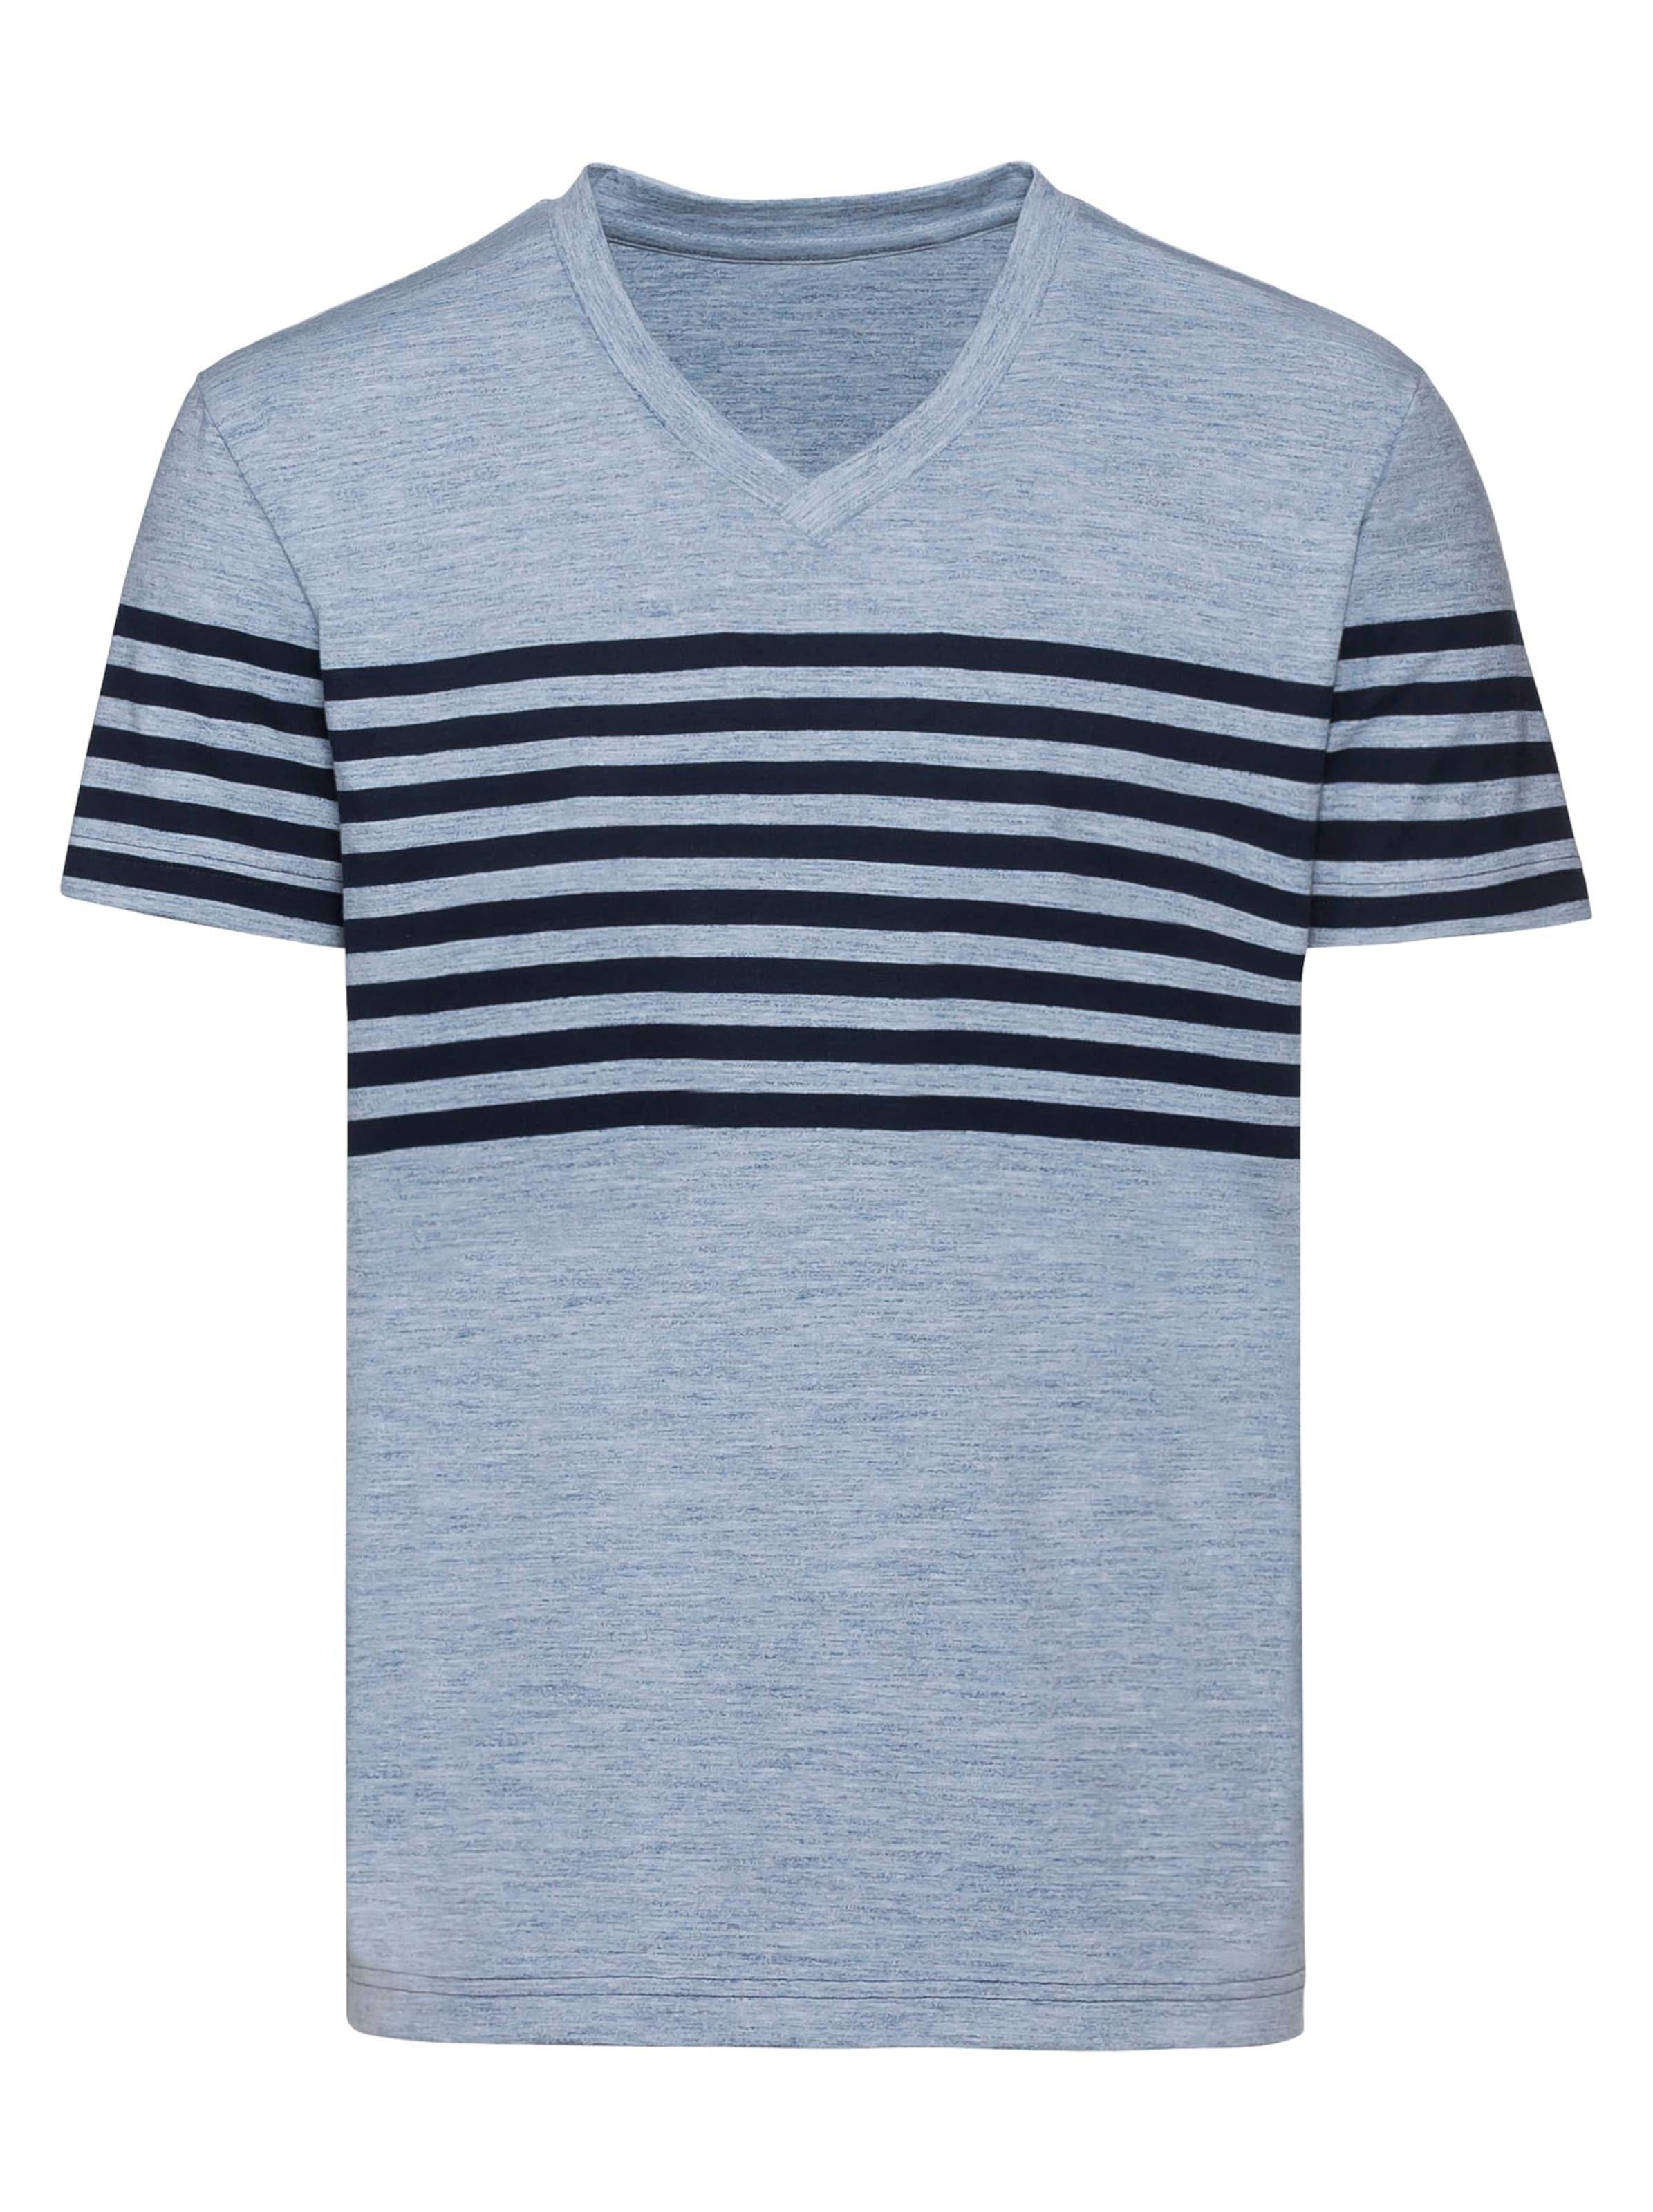 catamaran - Witt Weiden Herren Kurzarm-Shirt blau